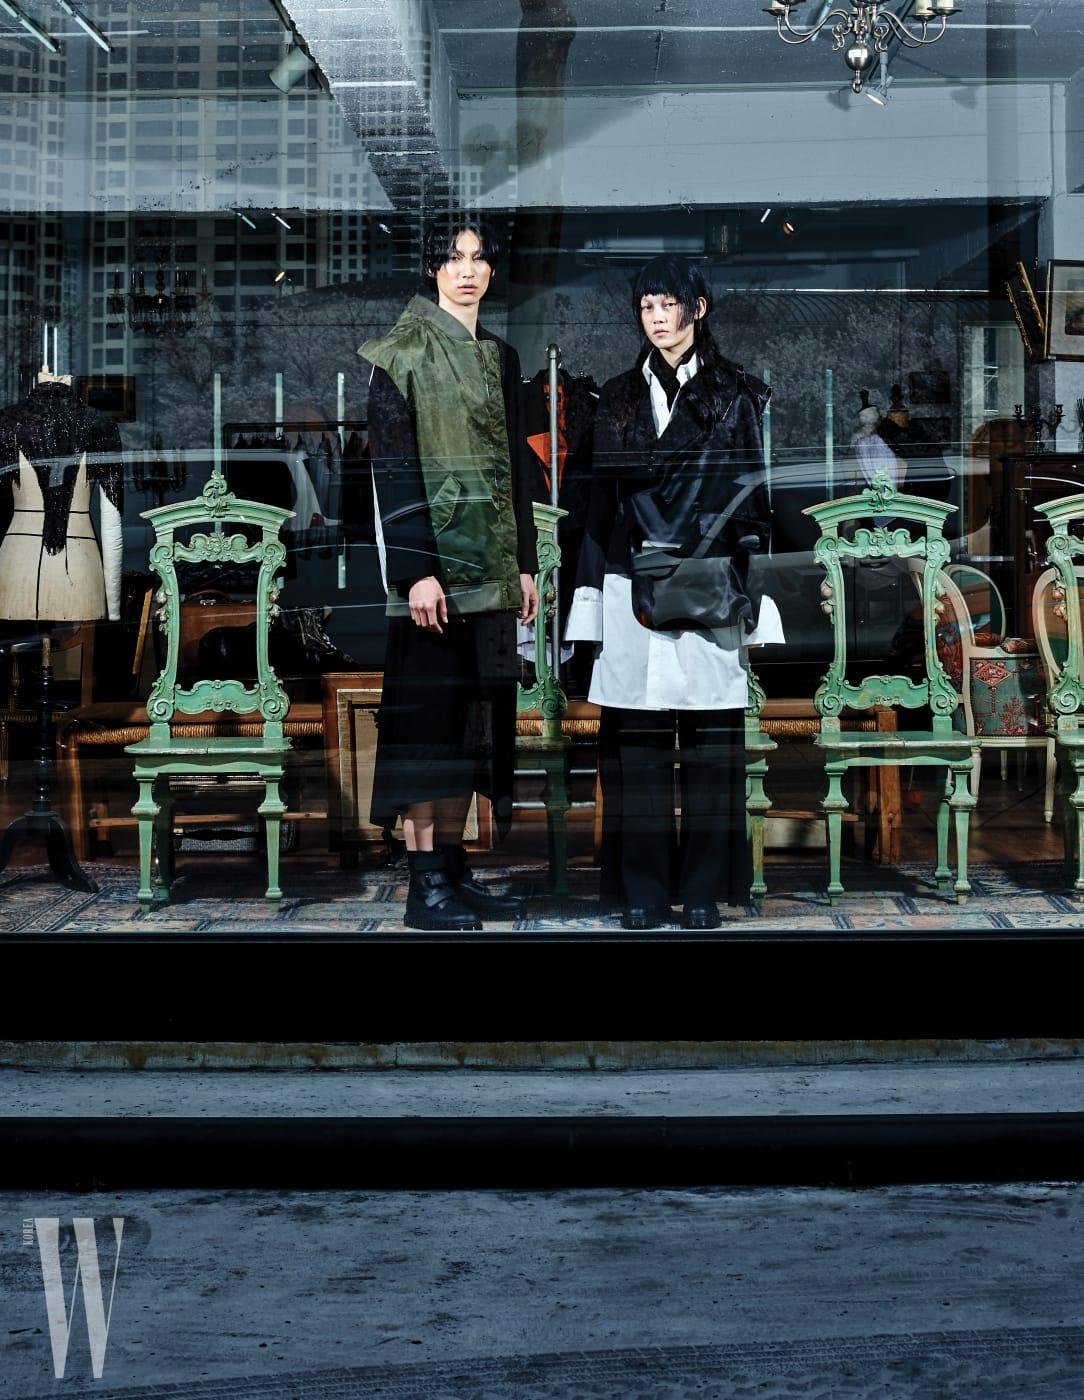 테이가 입은 항공점퍼와 테일러드 재킷의 디테일이 조합된 아우터, 검은색 팬츠, 검정 워커, 정청솔이 입은 오버사이즈 셔츠와 테일러드 재킷, 와이드 팬츠, 워커는 모두 Moo Hong 제품.